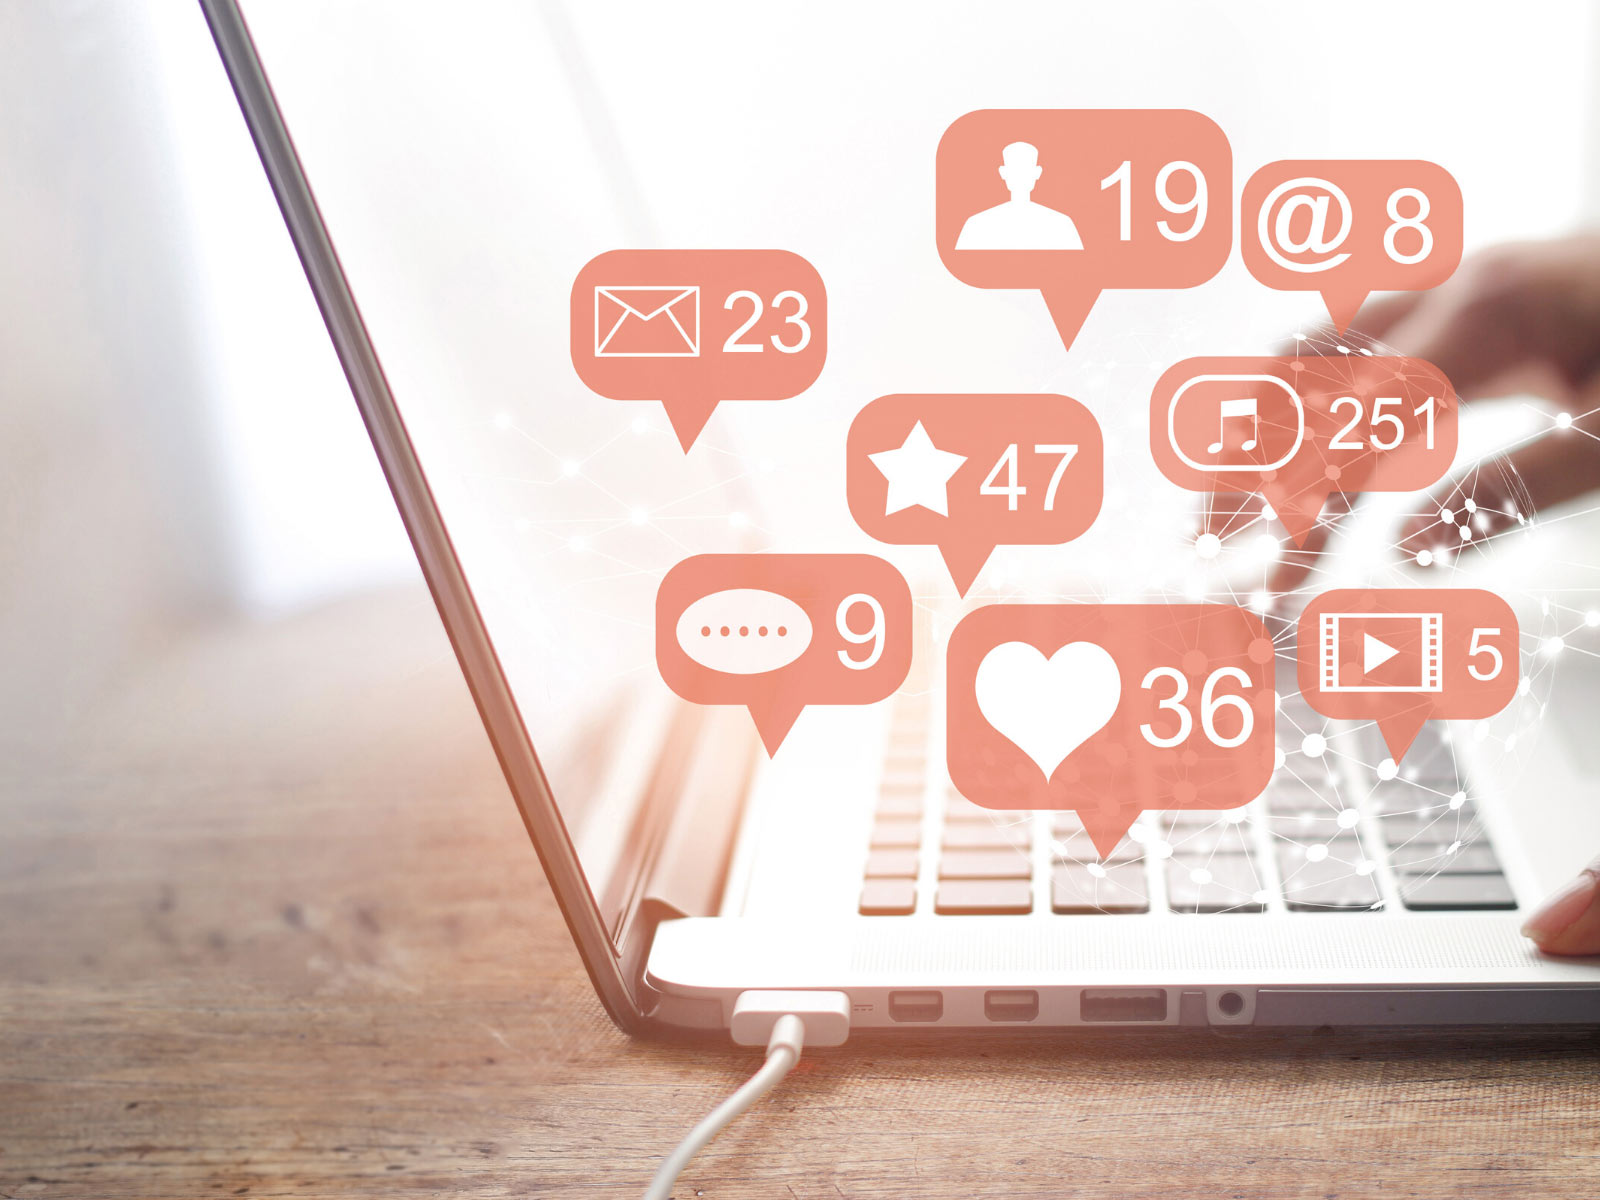 Бесплатный вебинар: Эксперименты в соцсетях: как искать и находить узкую аудиторию